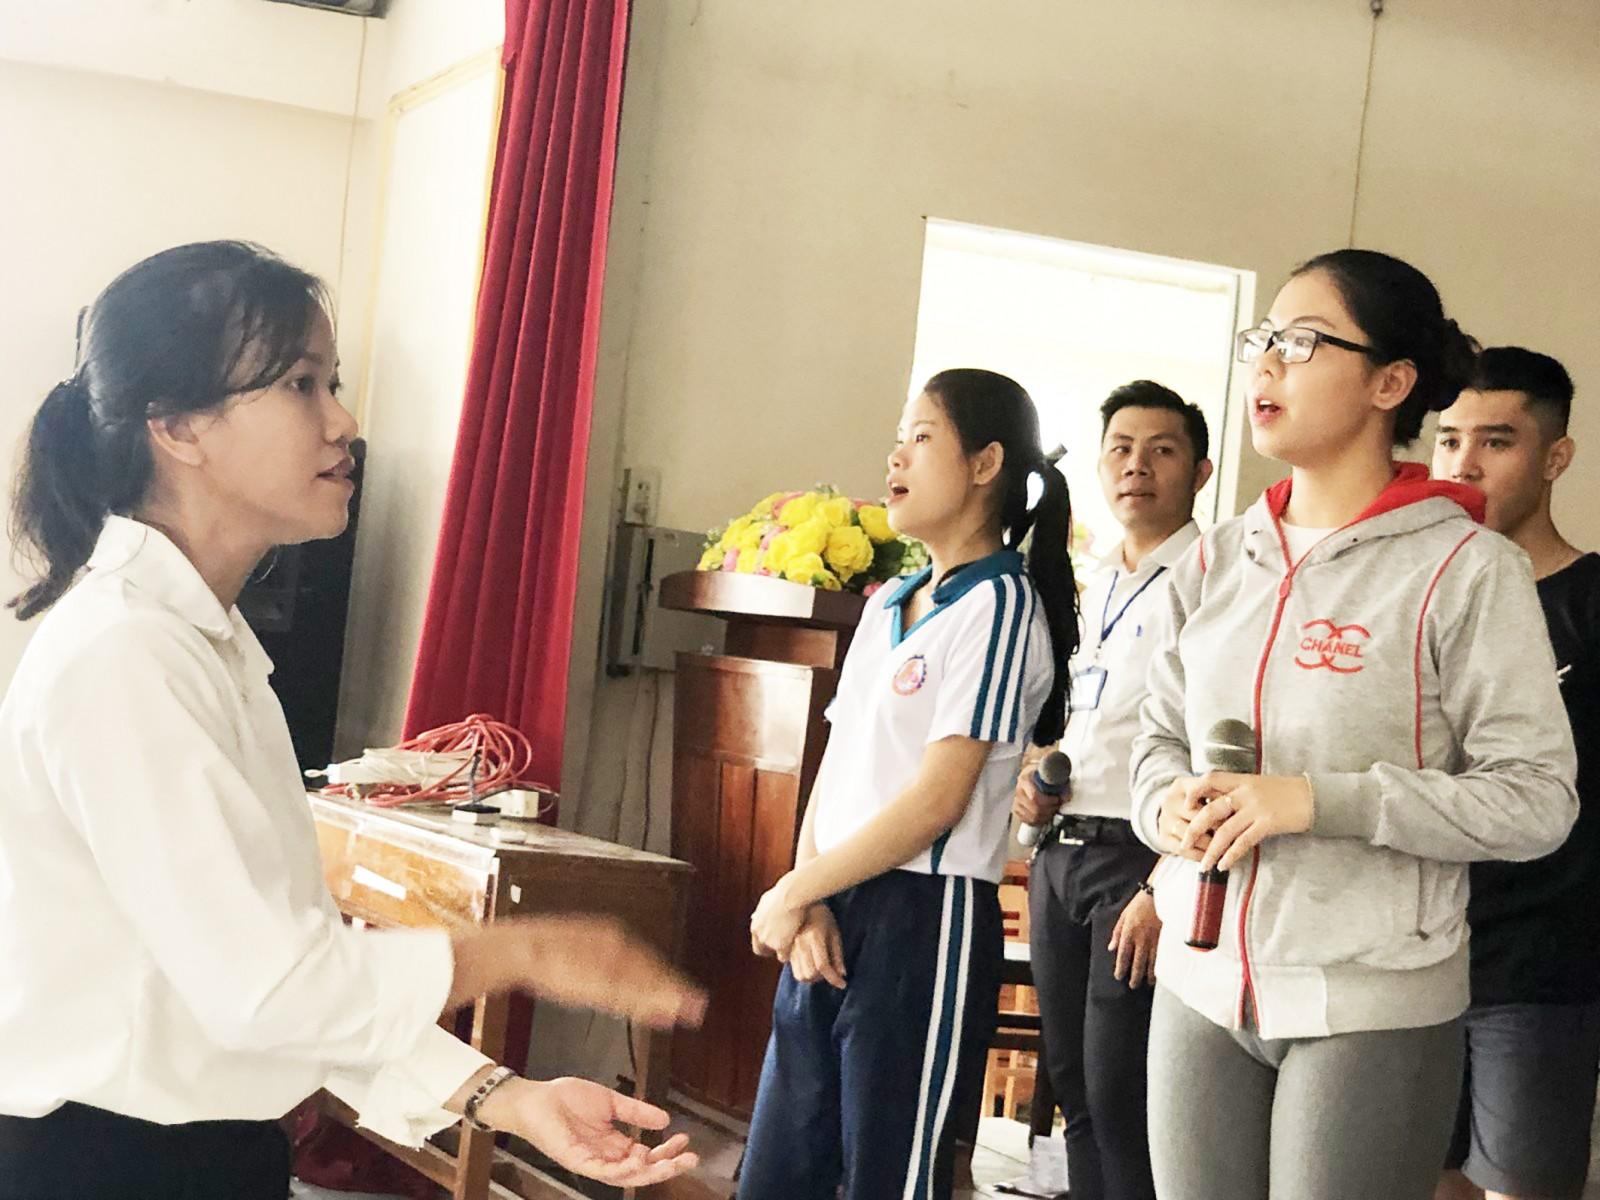 Các hoạt động nhóm, tập thể giúp sinh viên rèn luyện kỹ năng tranh luận, góp phần xây dựng phong cách làm việc chuyên nghiệp trong tương lai. Ảnh: TÚ ANH